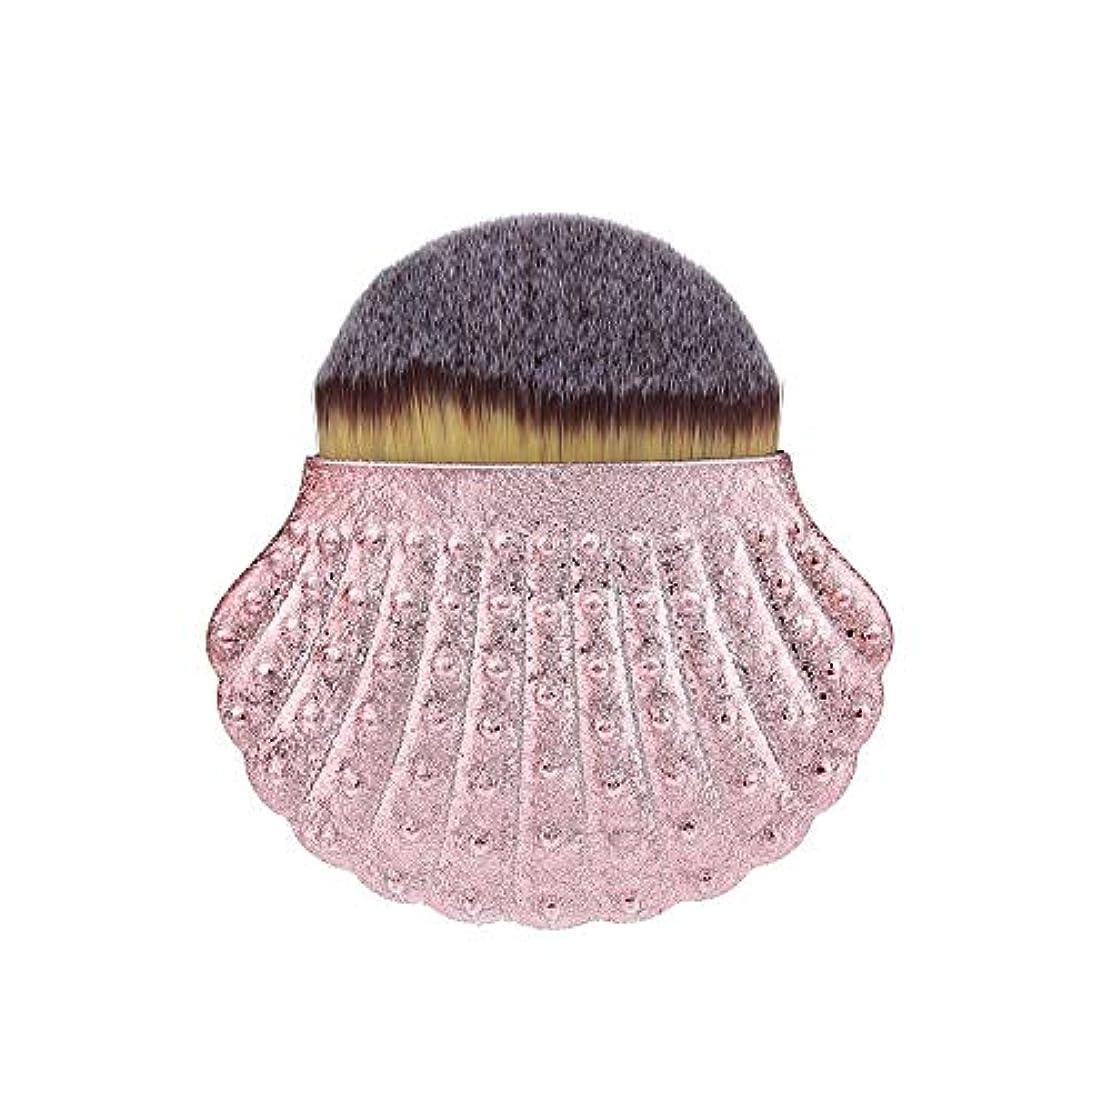 ジム芝生スローFeteso シェル ファンデーションブラシ 化粧ブラシ 大 ファッション 初心者に適しています 毎日の化粧を簡単にする カラフルな 可愛い 持ち運びが簡単 Rose Gold